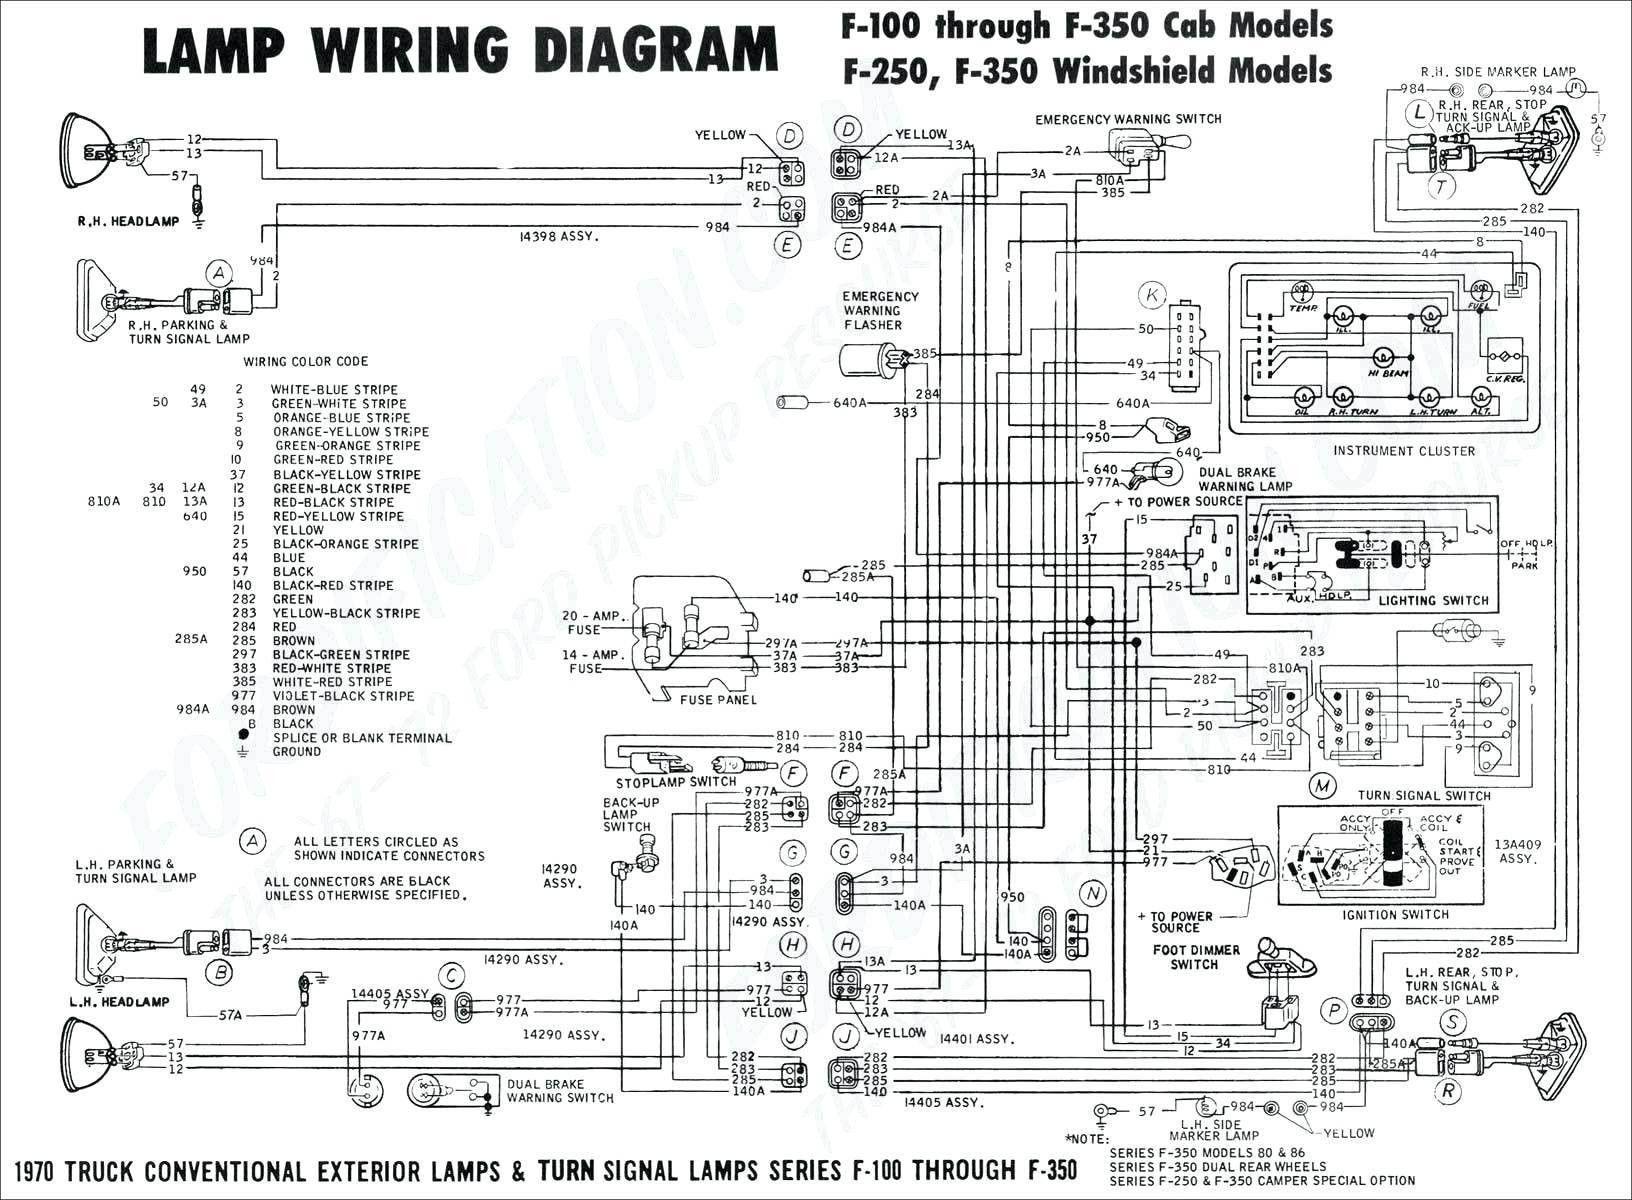 [DIAGRAM] Chevy Silverado Trailer Wiring Diagram 2005